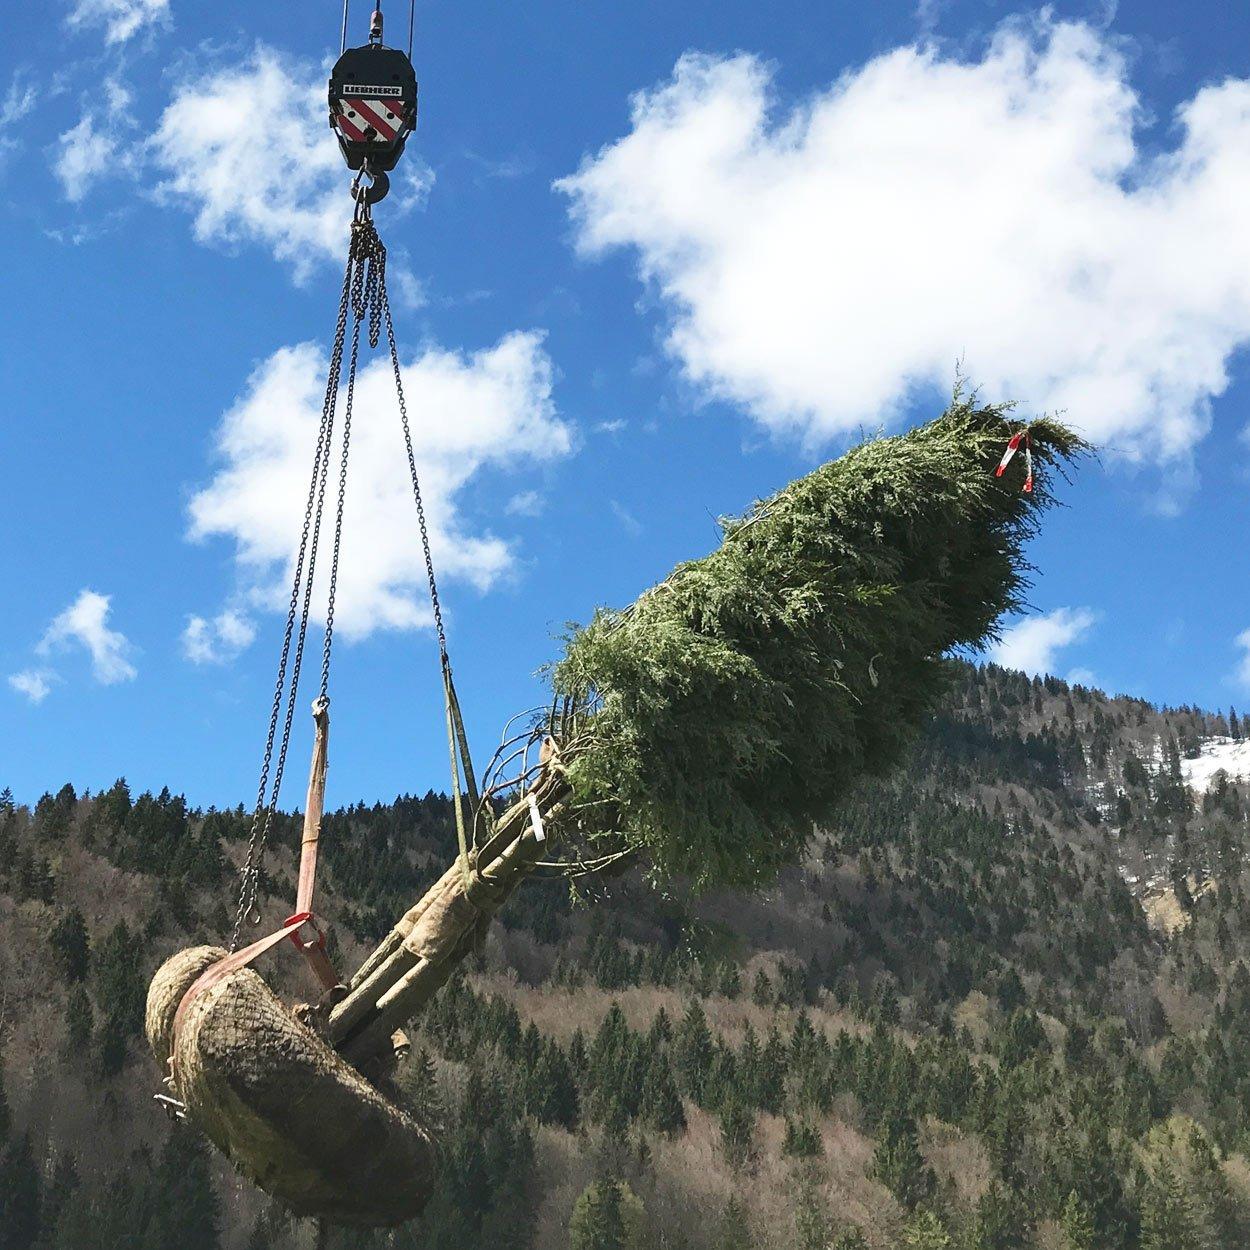 Tsuga canadensis am Kran vor Bergkulisse